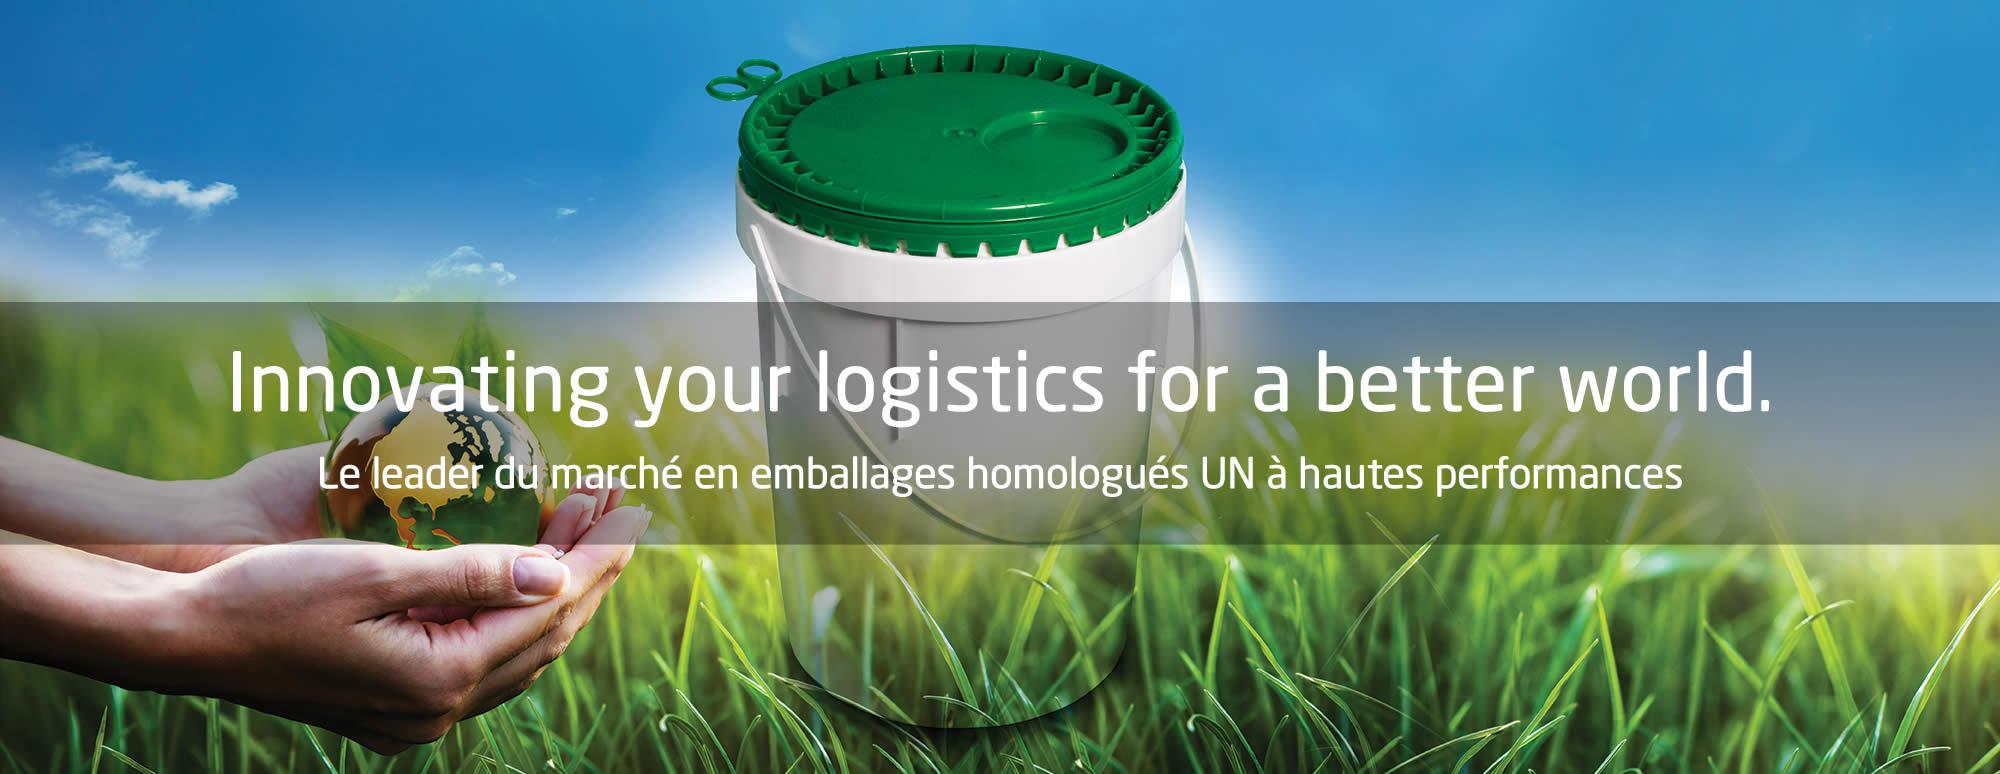 ROPAC® - Le leader du marché en emballages homologués UN à hautes performances